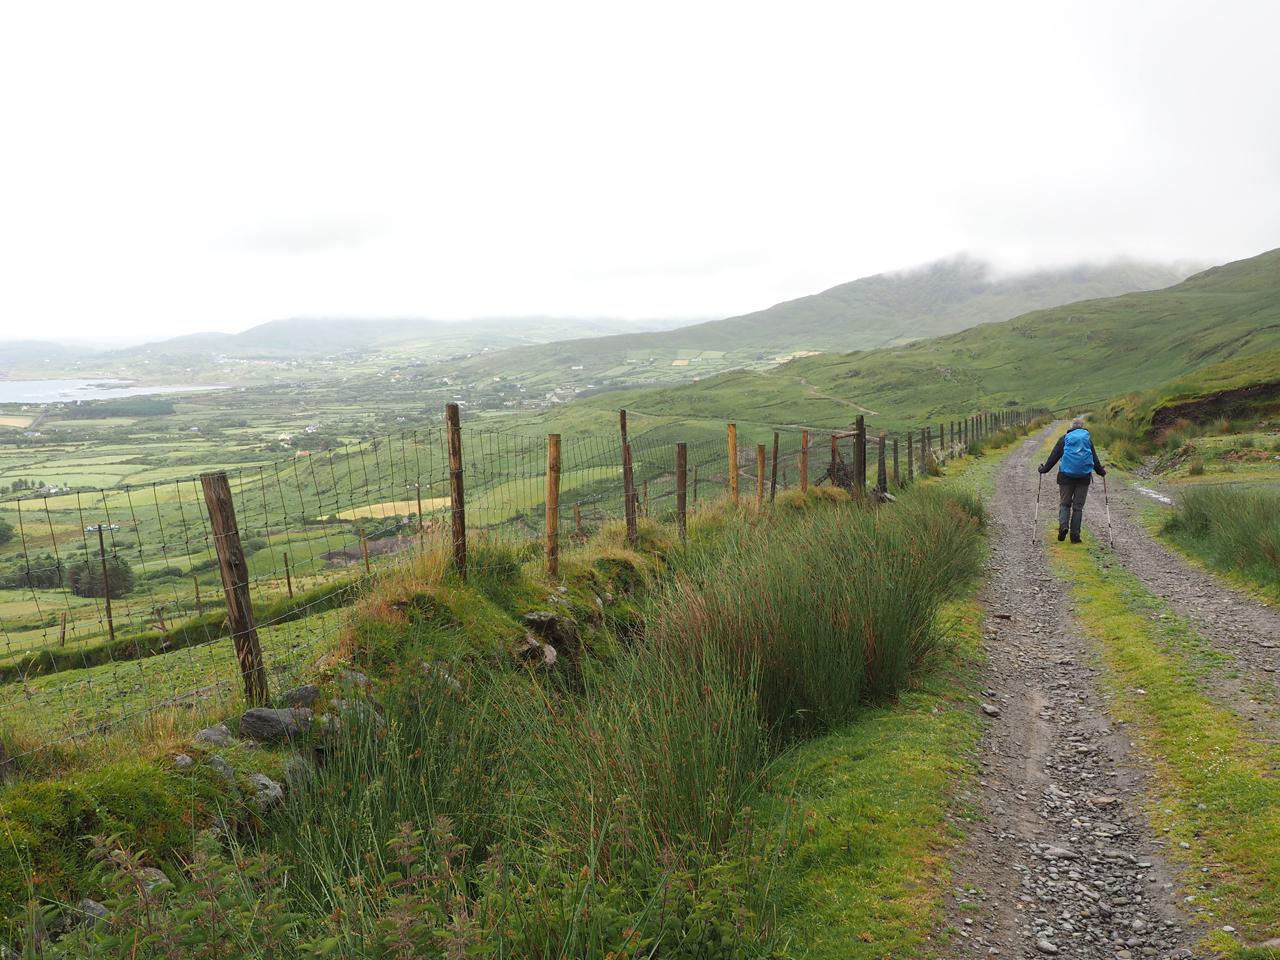 prachtig pad langs de berghelling